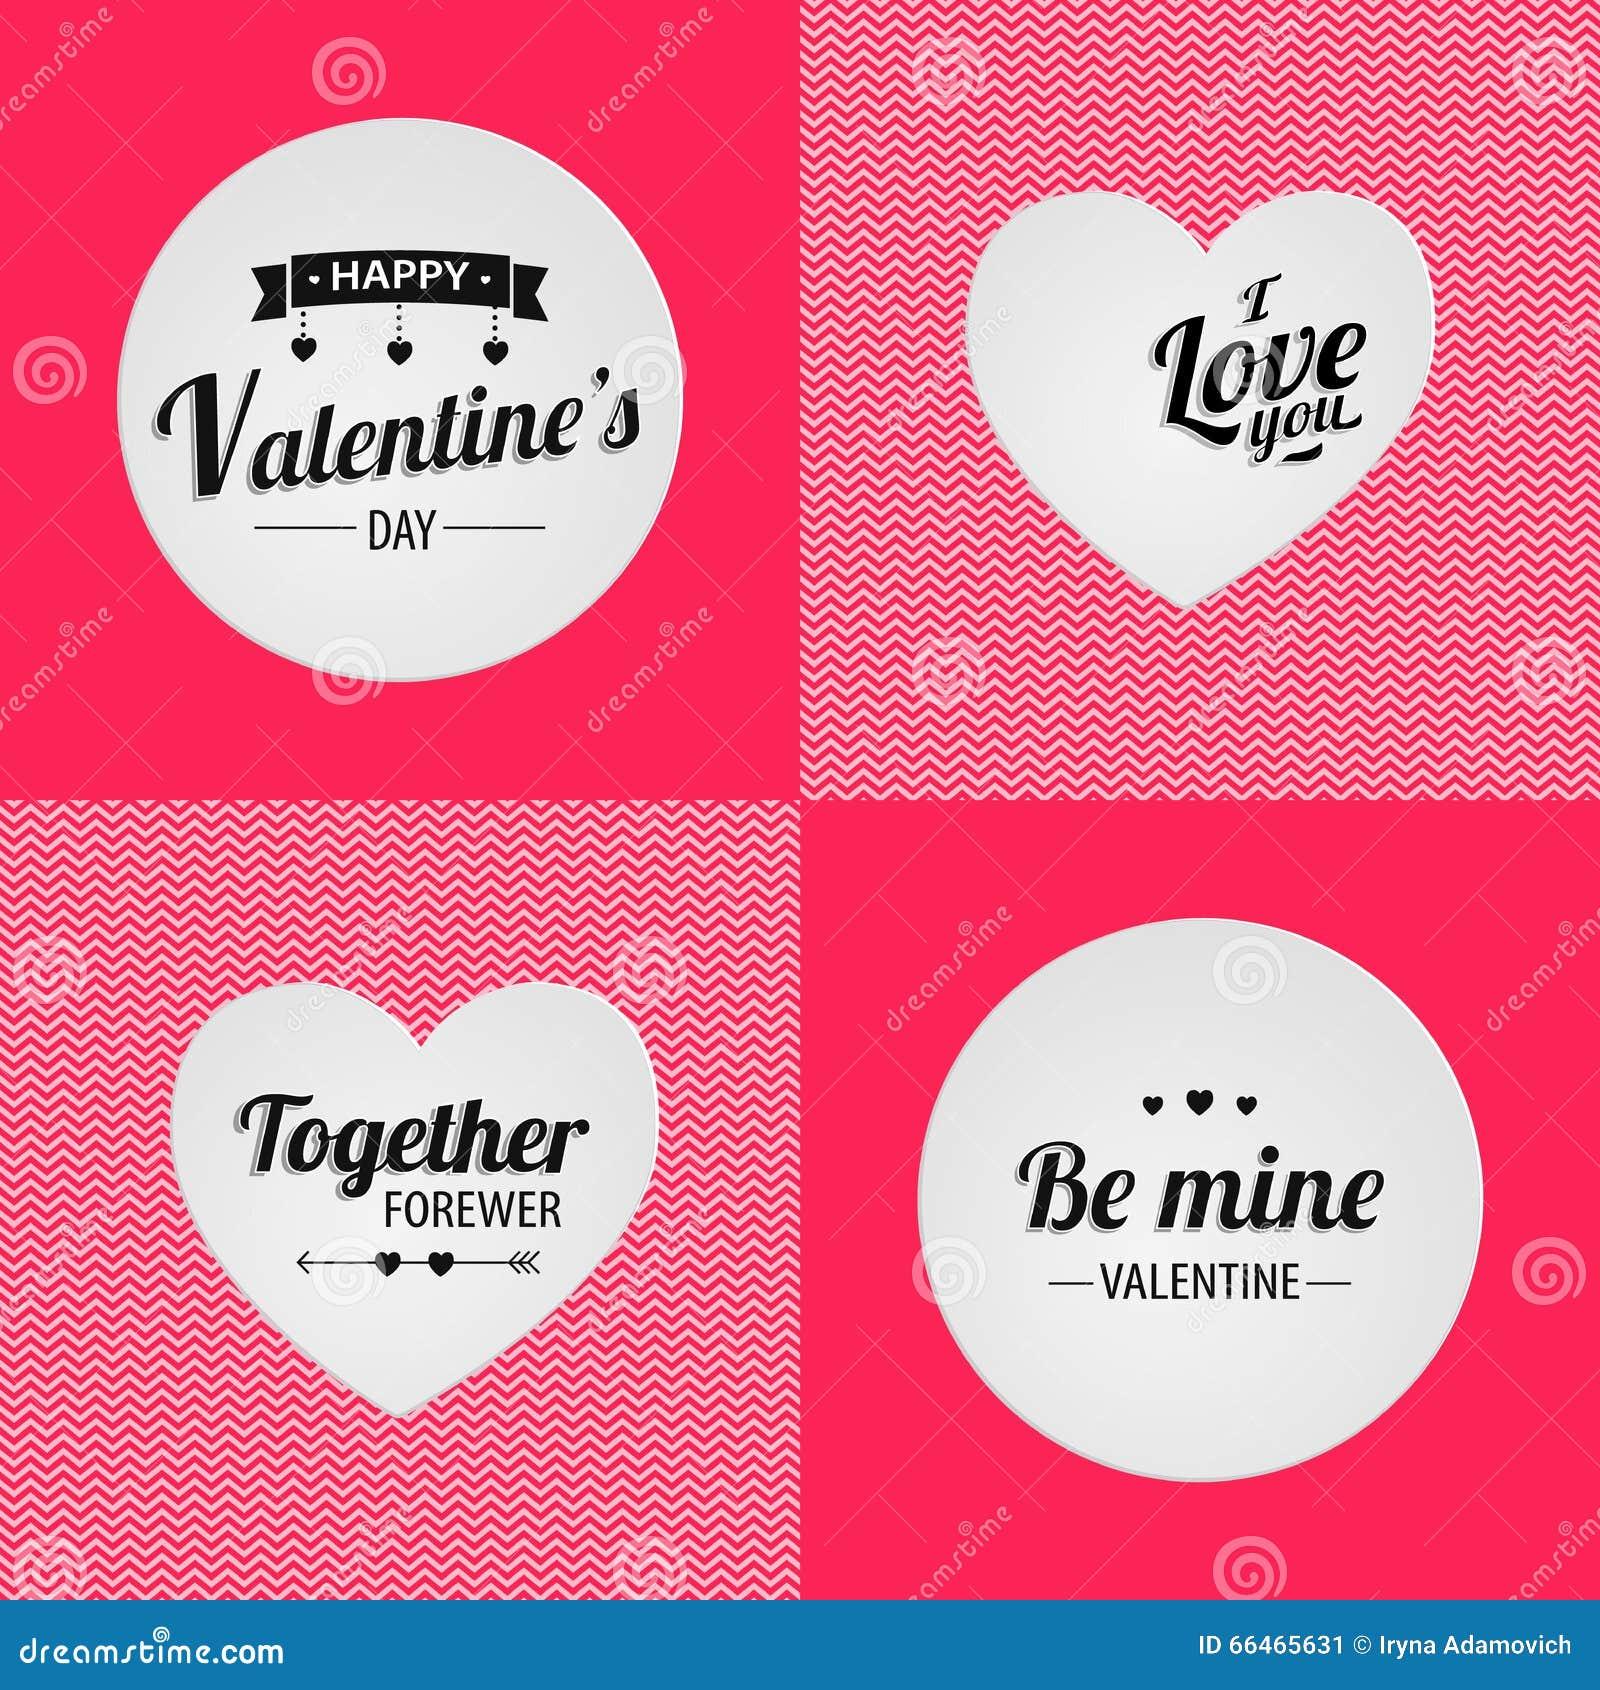 Glücklicher Valentinstag Zusammen Forewer Ilove Sie Seien Sie ...